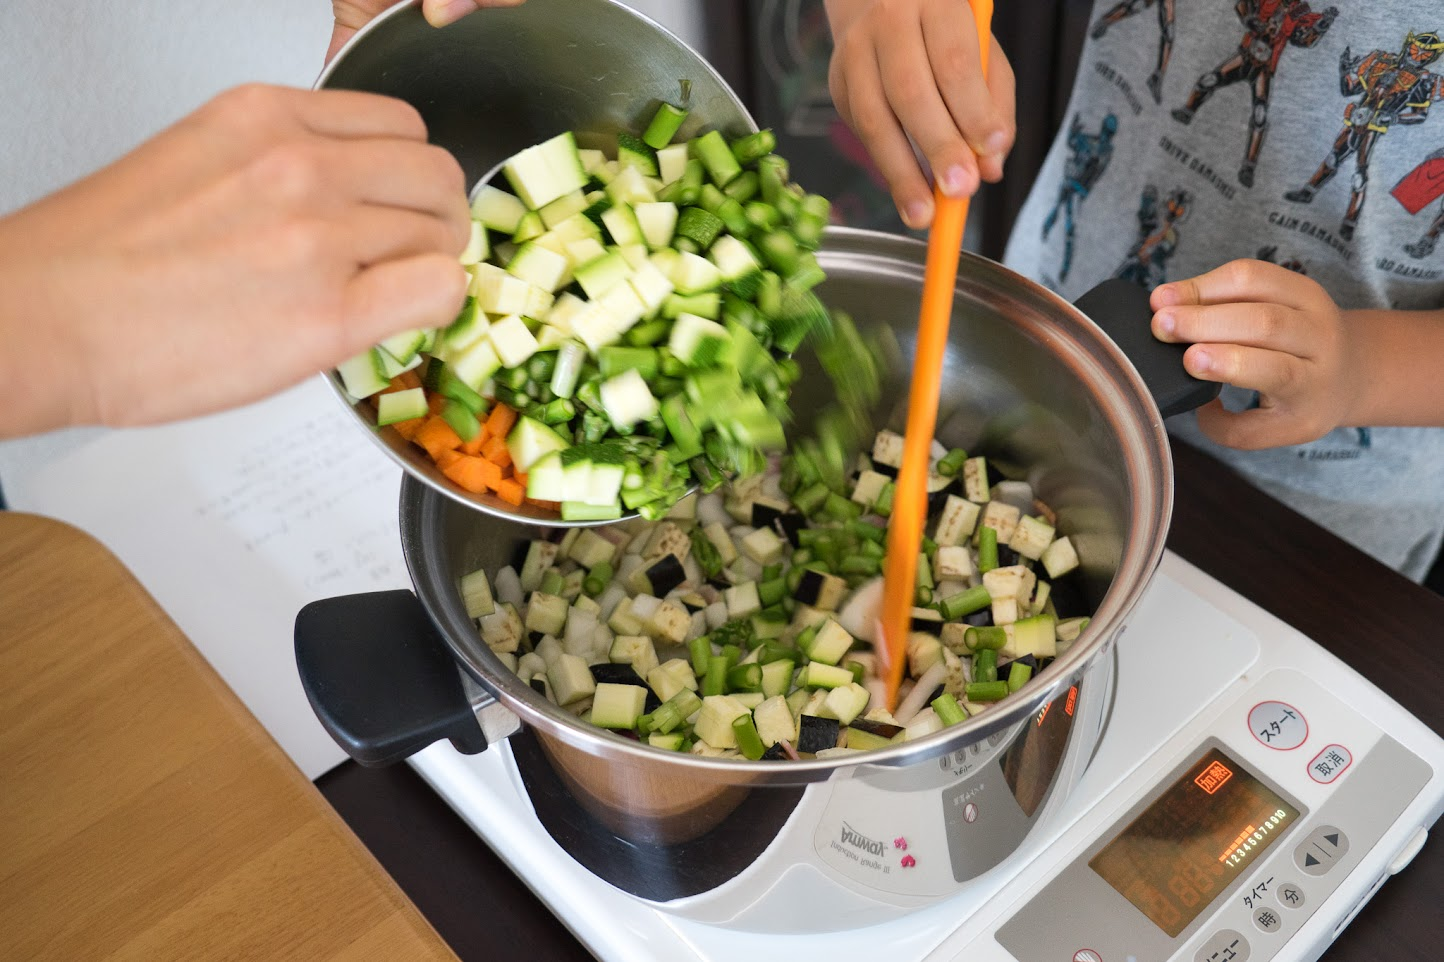 黒千石のラタトゥイユ:ベーコン・その他の野菜を入れて炒め